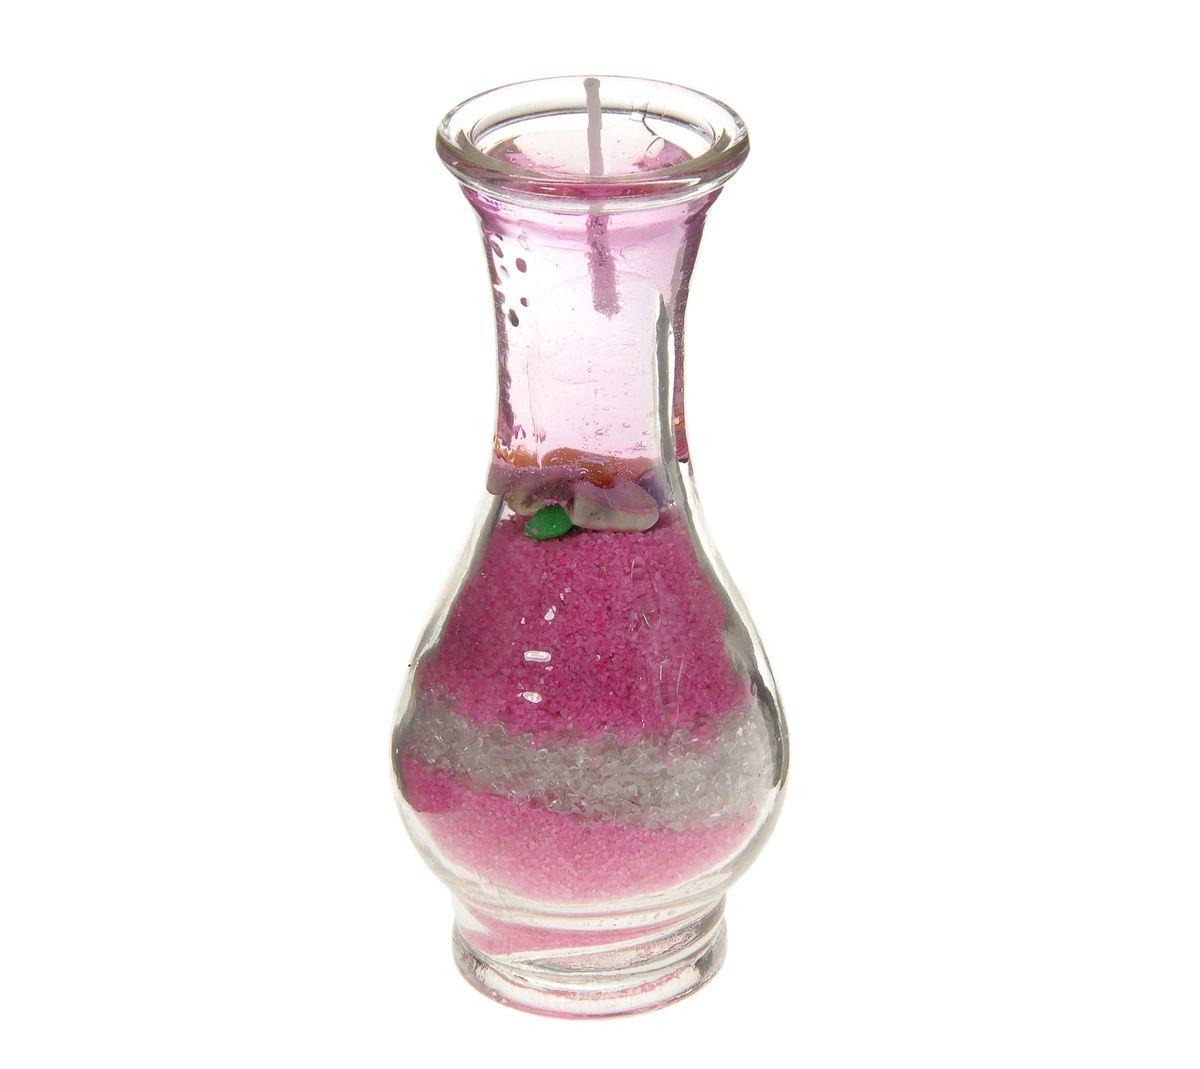 Свеча декоративная Sima-land Ваза с песком, цвет: розовый, высота 11 см28907 4Свеча Sima-land Ваза с песком изготовлена из геля ирасположена в подсвечнике, выполненном в виде стеклянной вазы, которая наполнена цветным песком. Изделие отличается оригинальным дизайном.Такая свеча может стать отличным подарком, а так же создаст незабываемую атмосферу уюта в вашем доме.